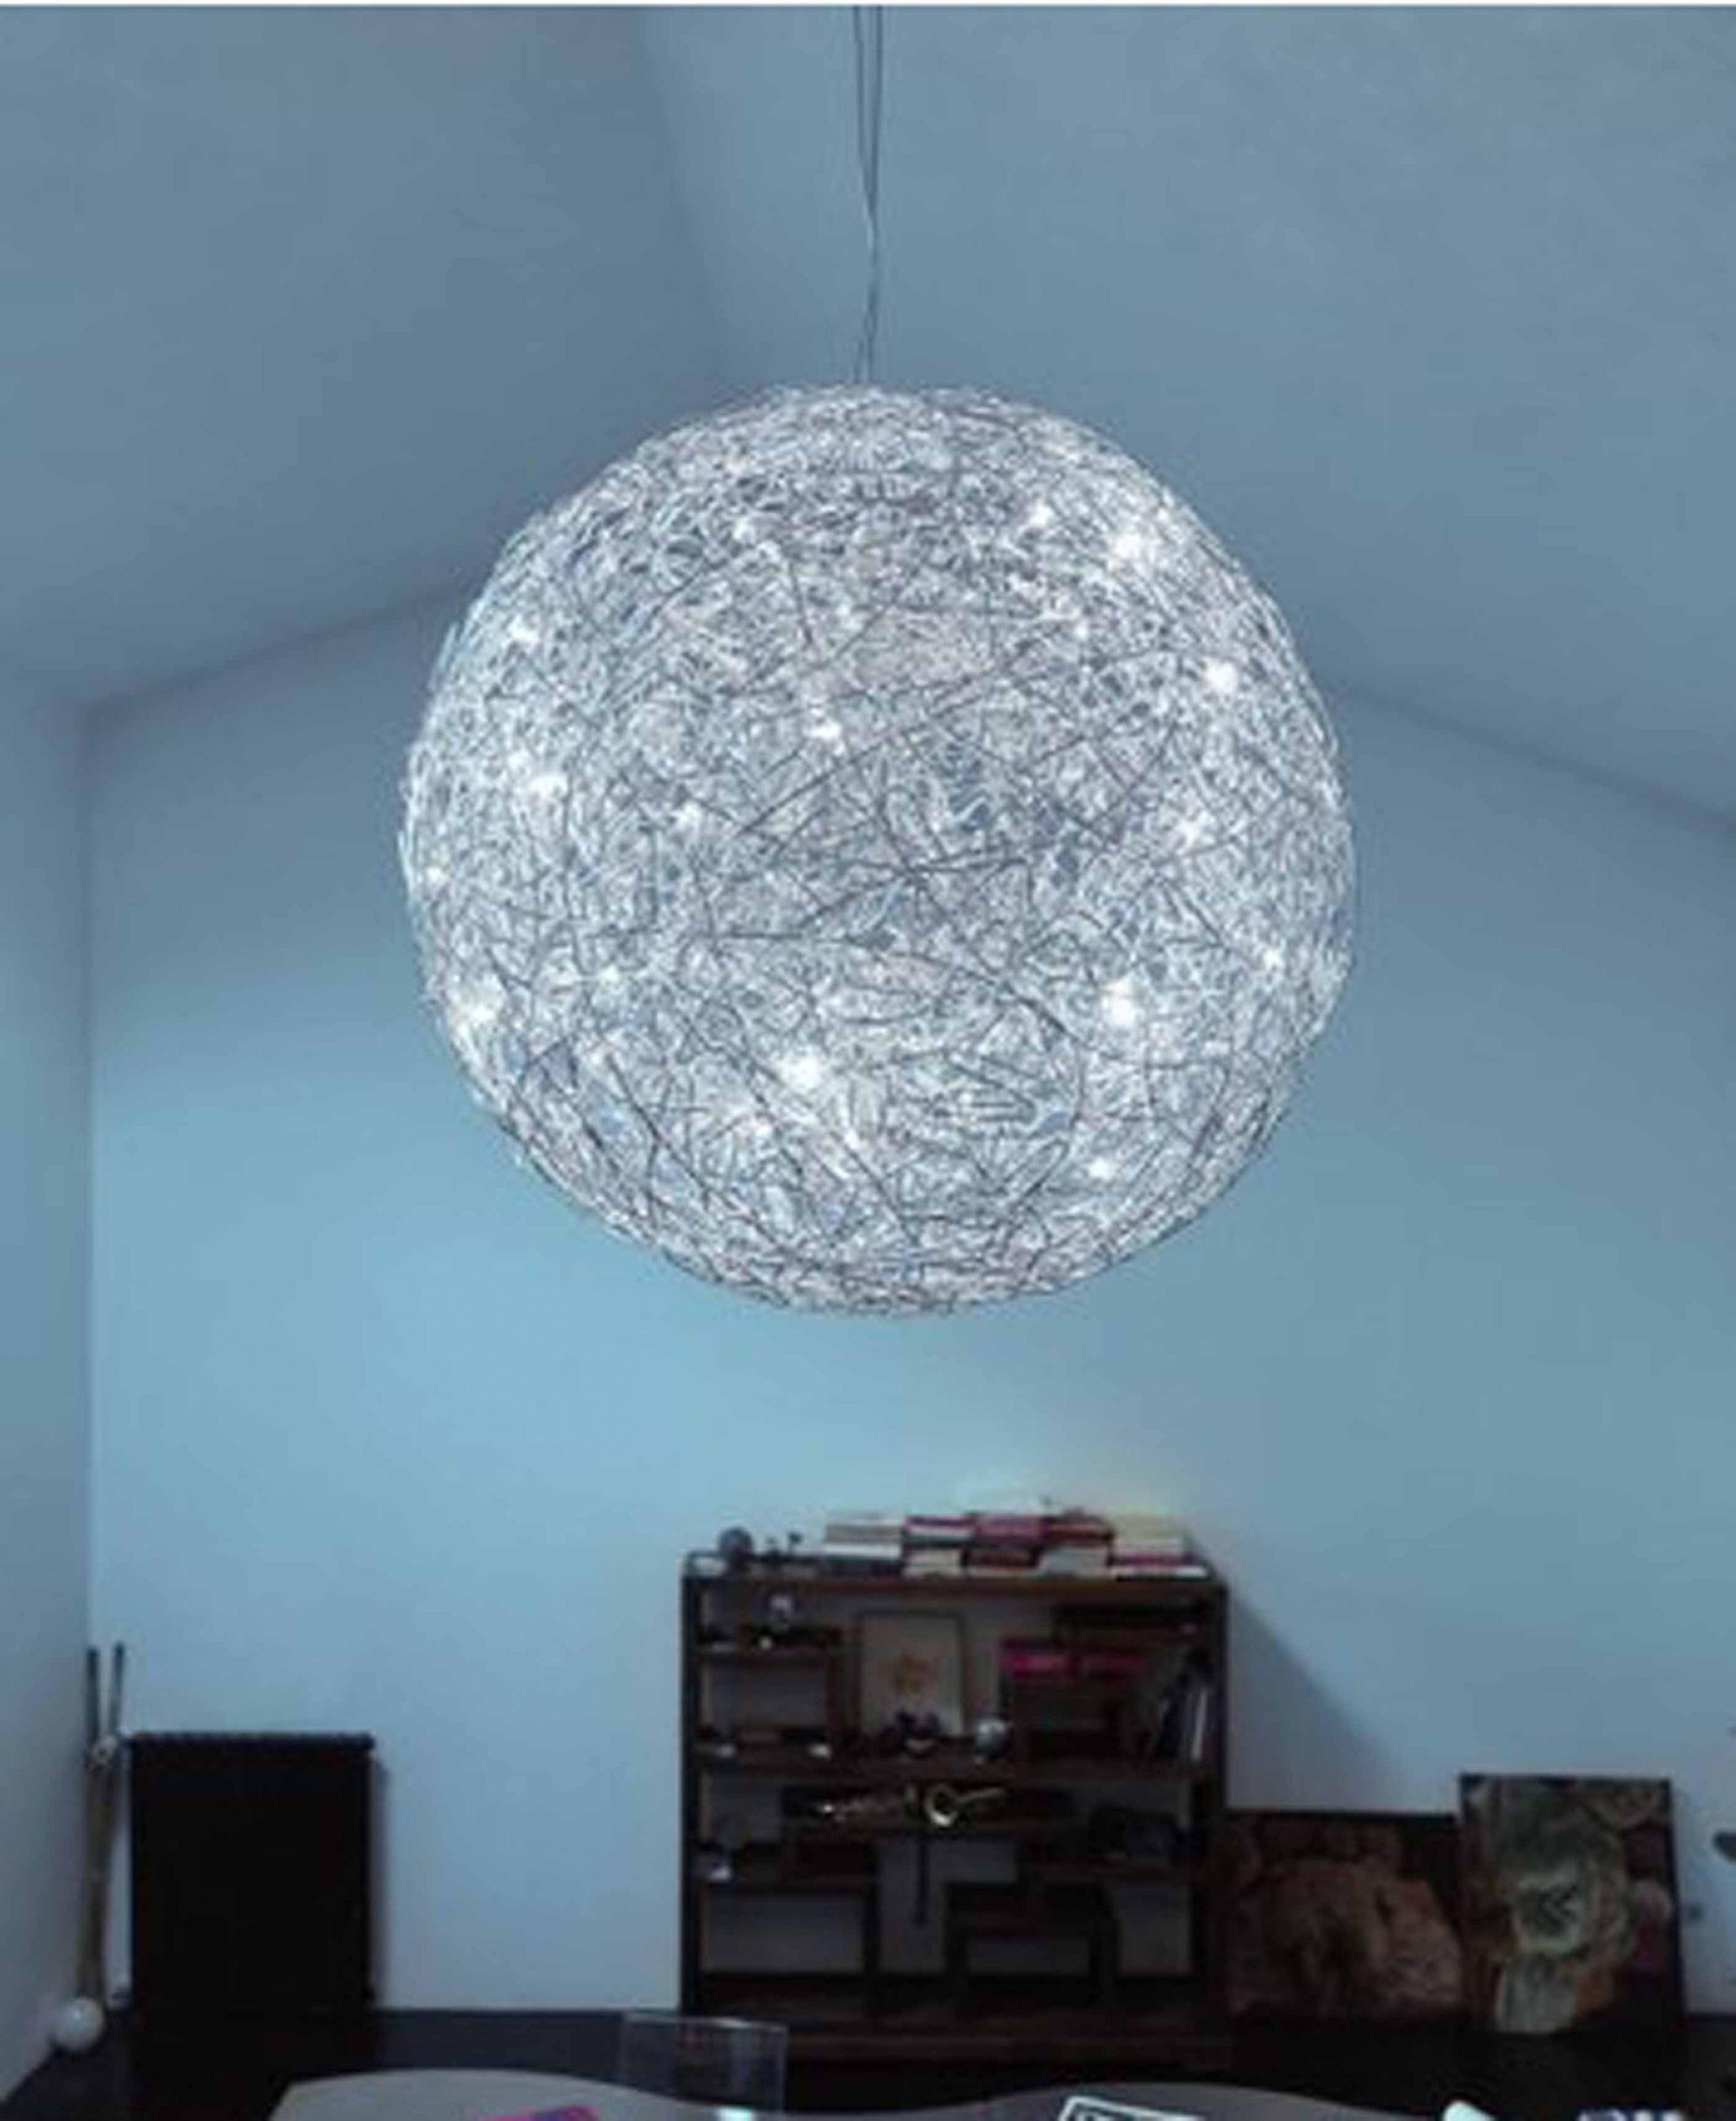 Großartig Wohnzimmerlampen Referenz Von Elegant Design